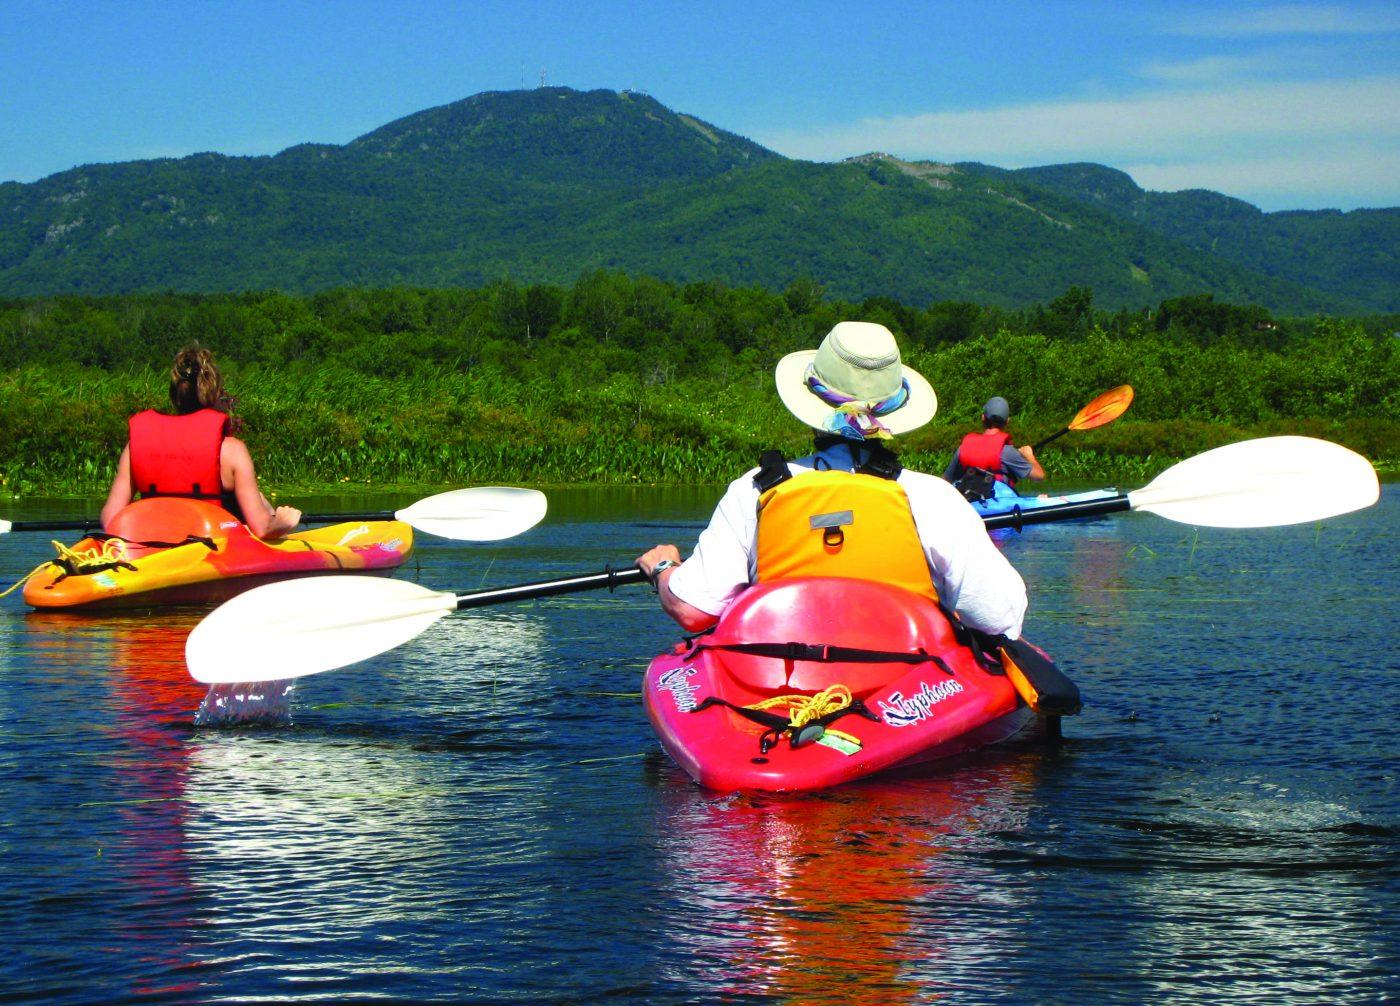 Trois personnes de dos chacun sur des kayaks colorés. Au loin, de la verdure et le Mont Orford